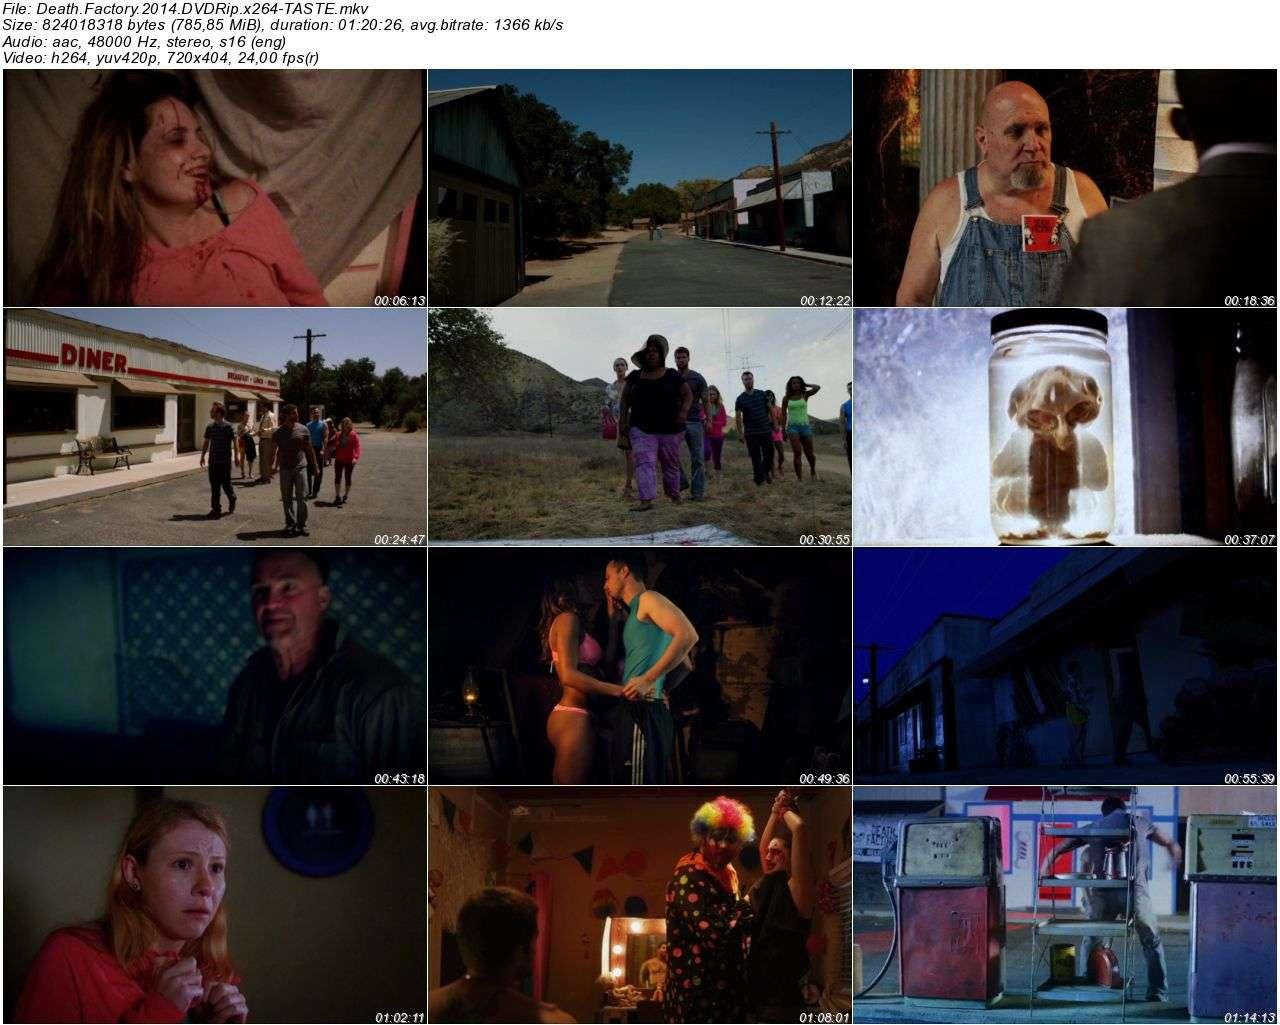 Death Factory - 2014 DVDRip x264 - Türkçe Altyazılı Tek